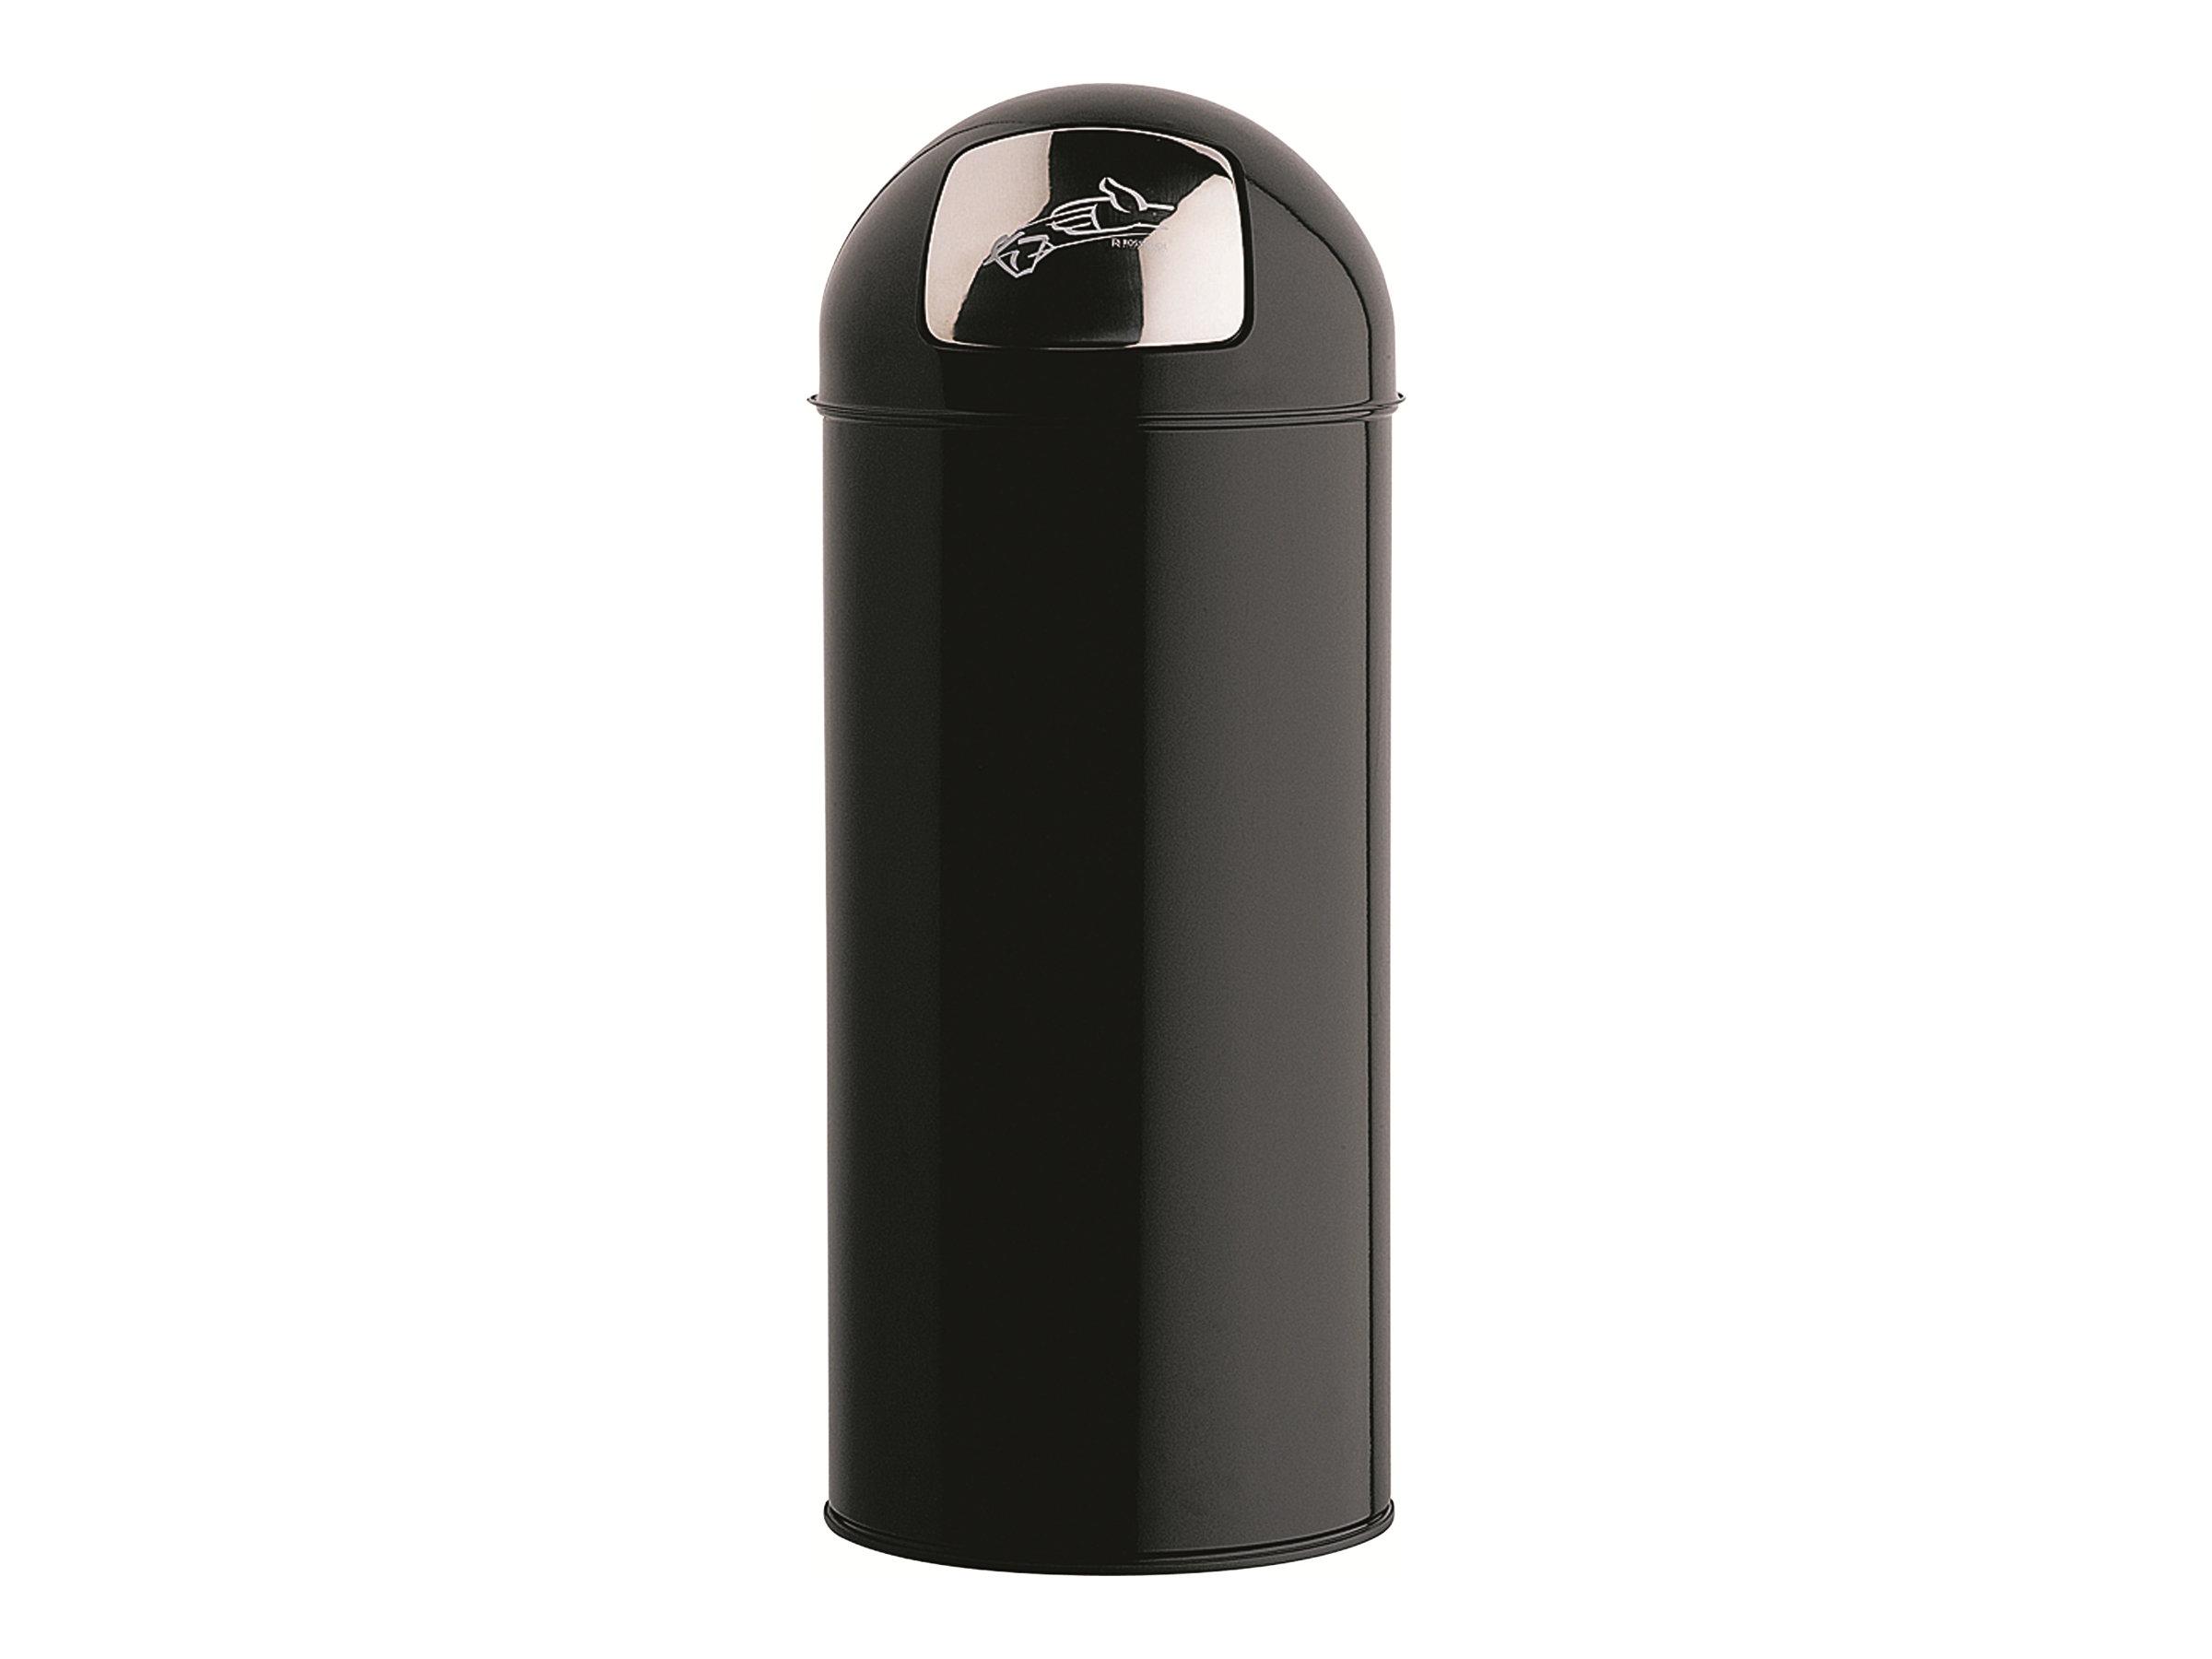 ROSSIGNOL - Poubelle avec couvercle à trappe en métal 45 Litres Push - Diamètre 31, hauteur 77,5 cm noir